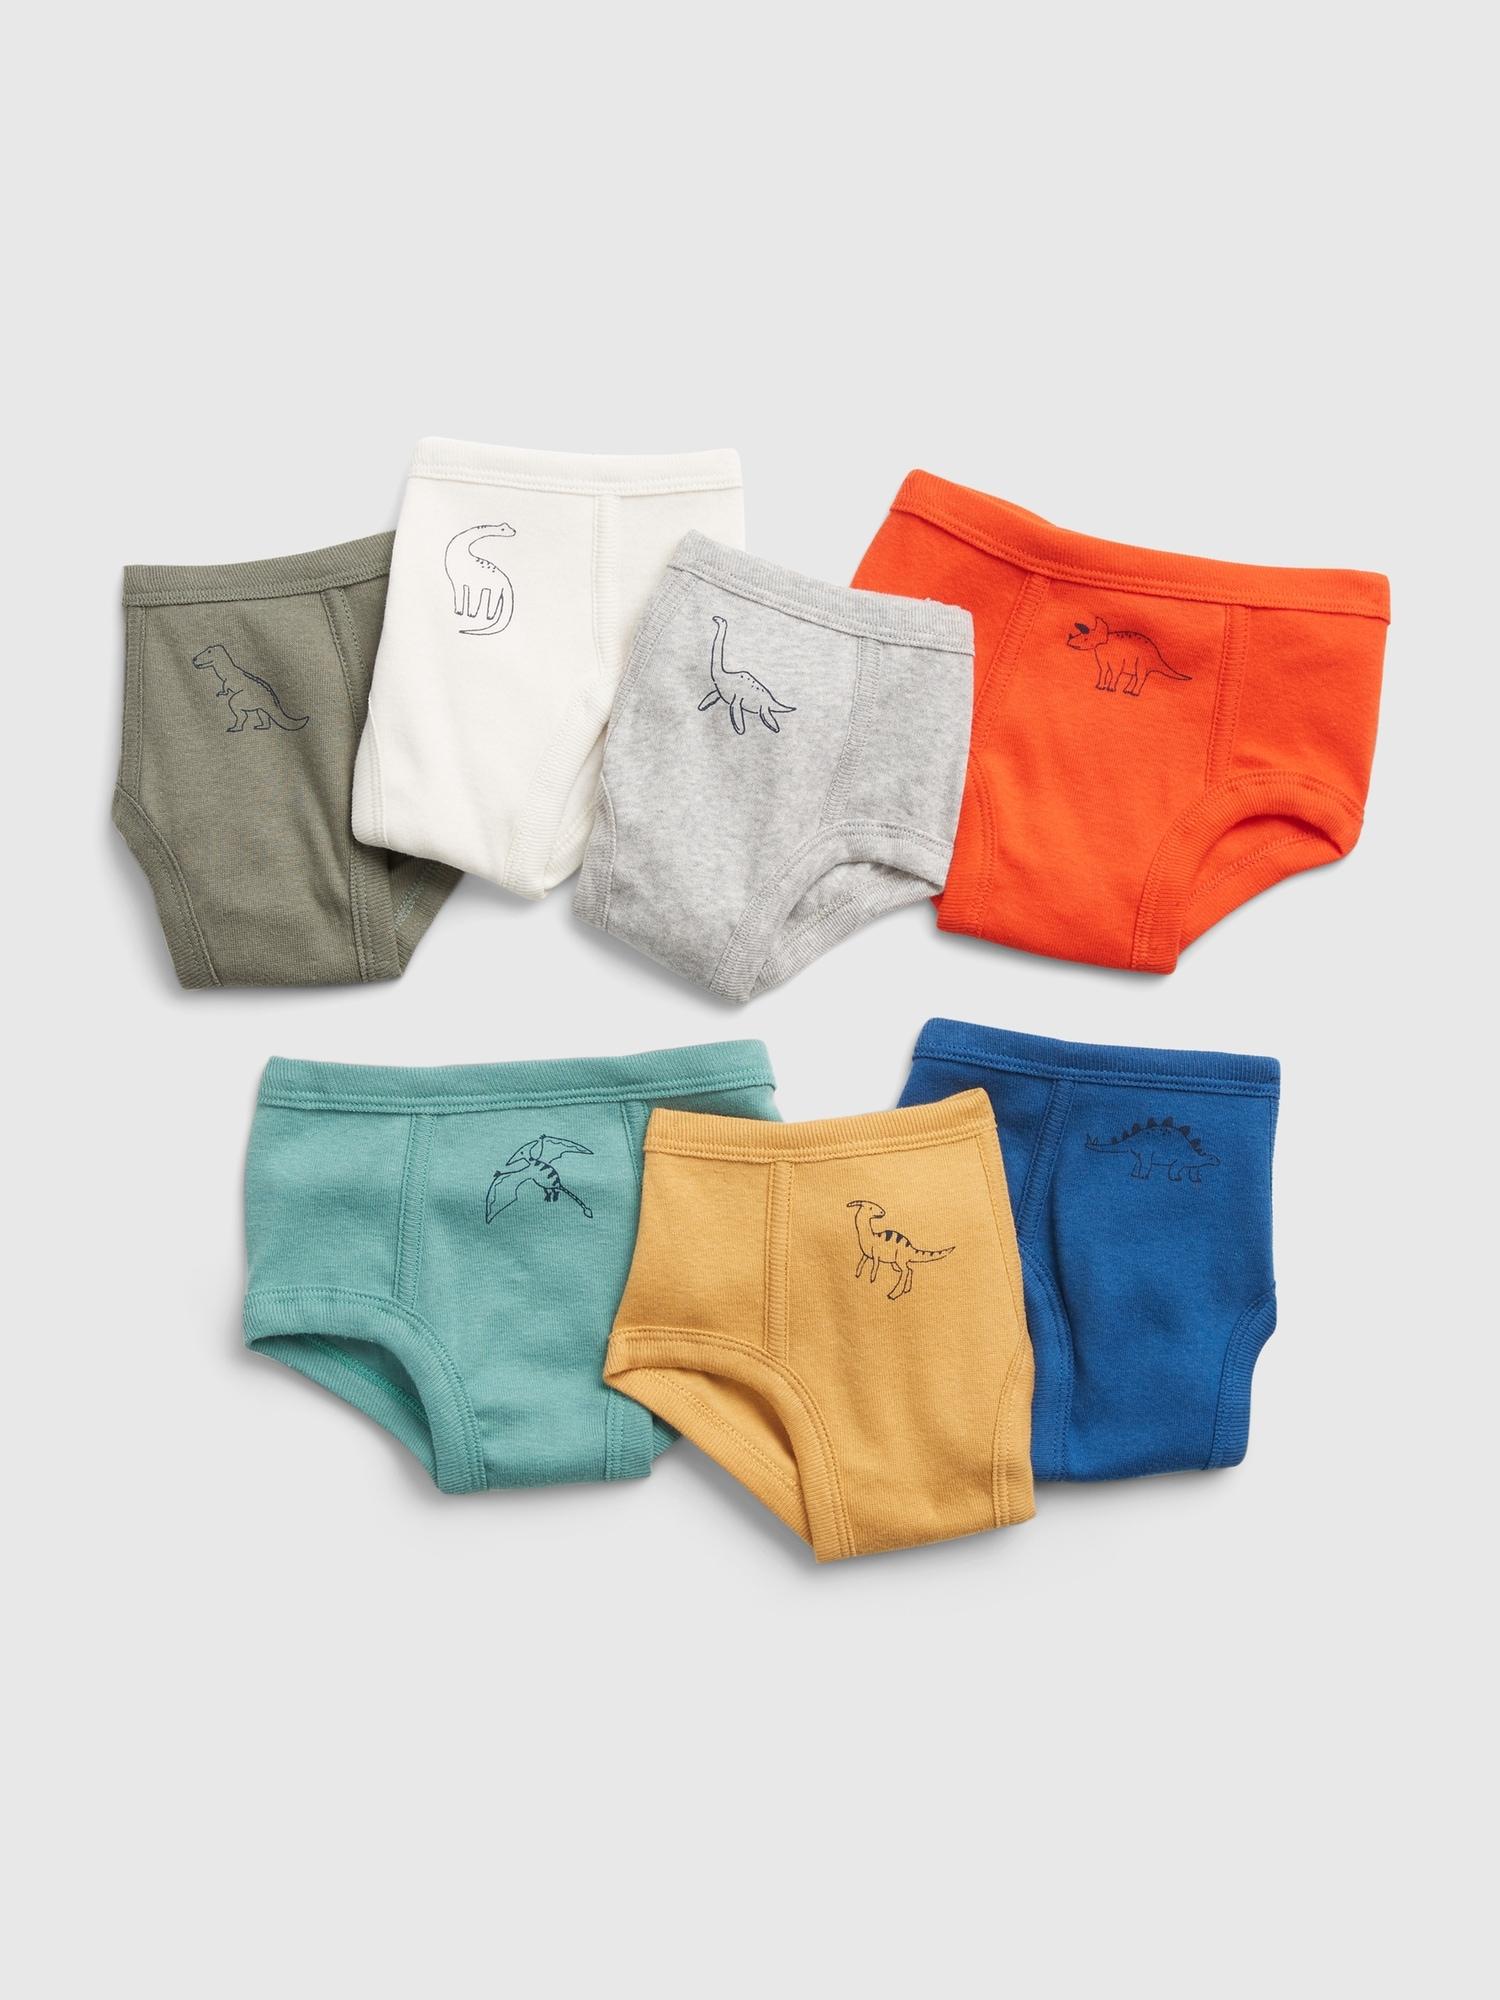 Chlapci - Dětské spodní prádlo, 7ks Barevná